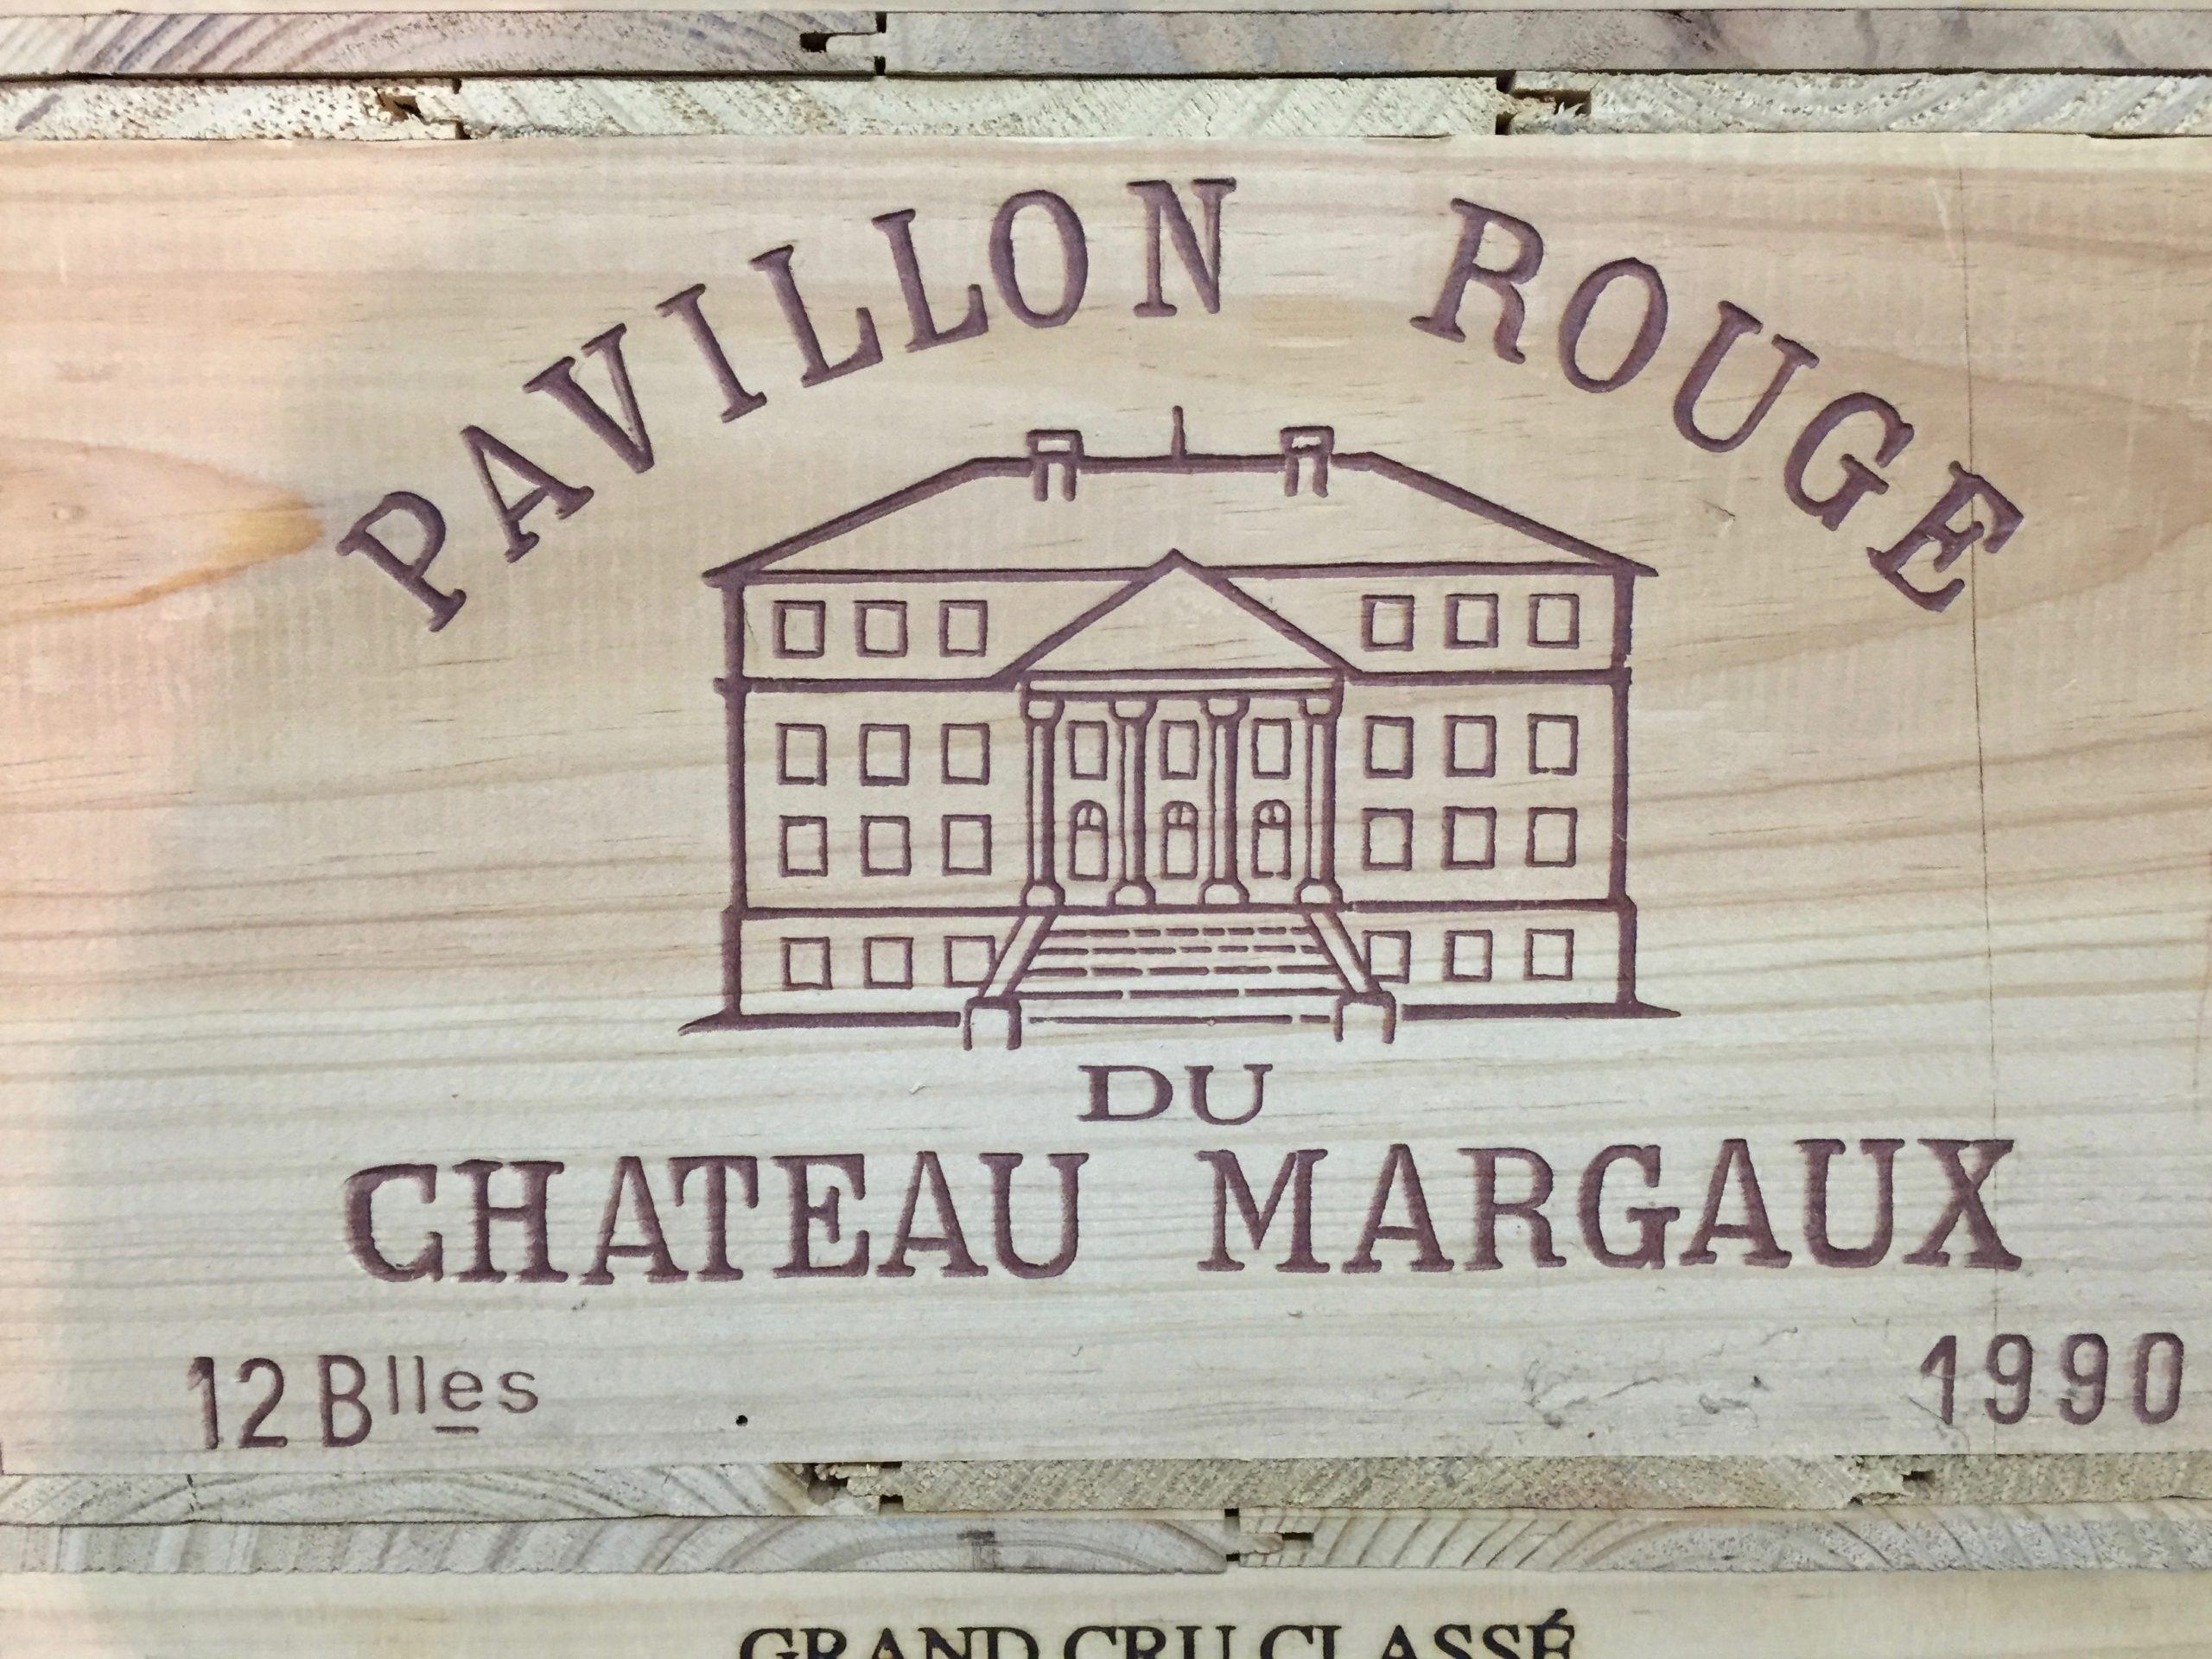 Château Margaux Pavillon rouge 1990 (CBO 12)